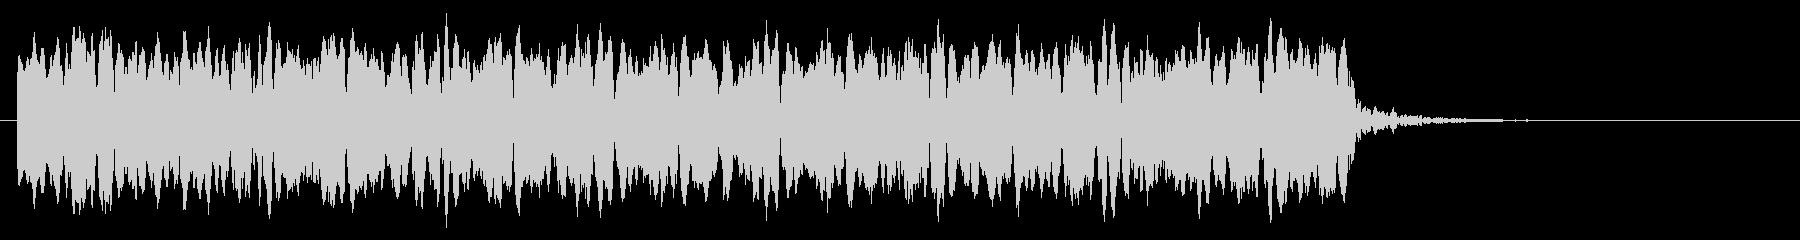 8bitパワーU-D-02-4_revの未再生の波形